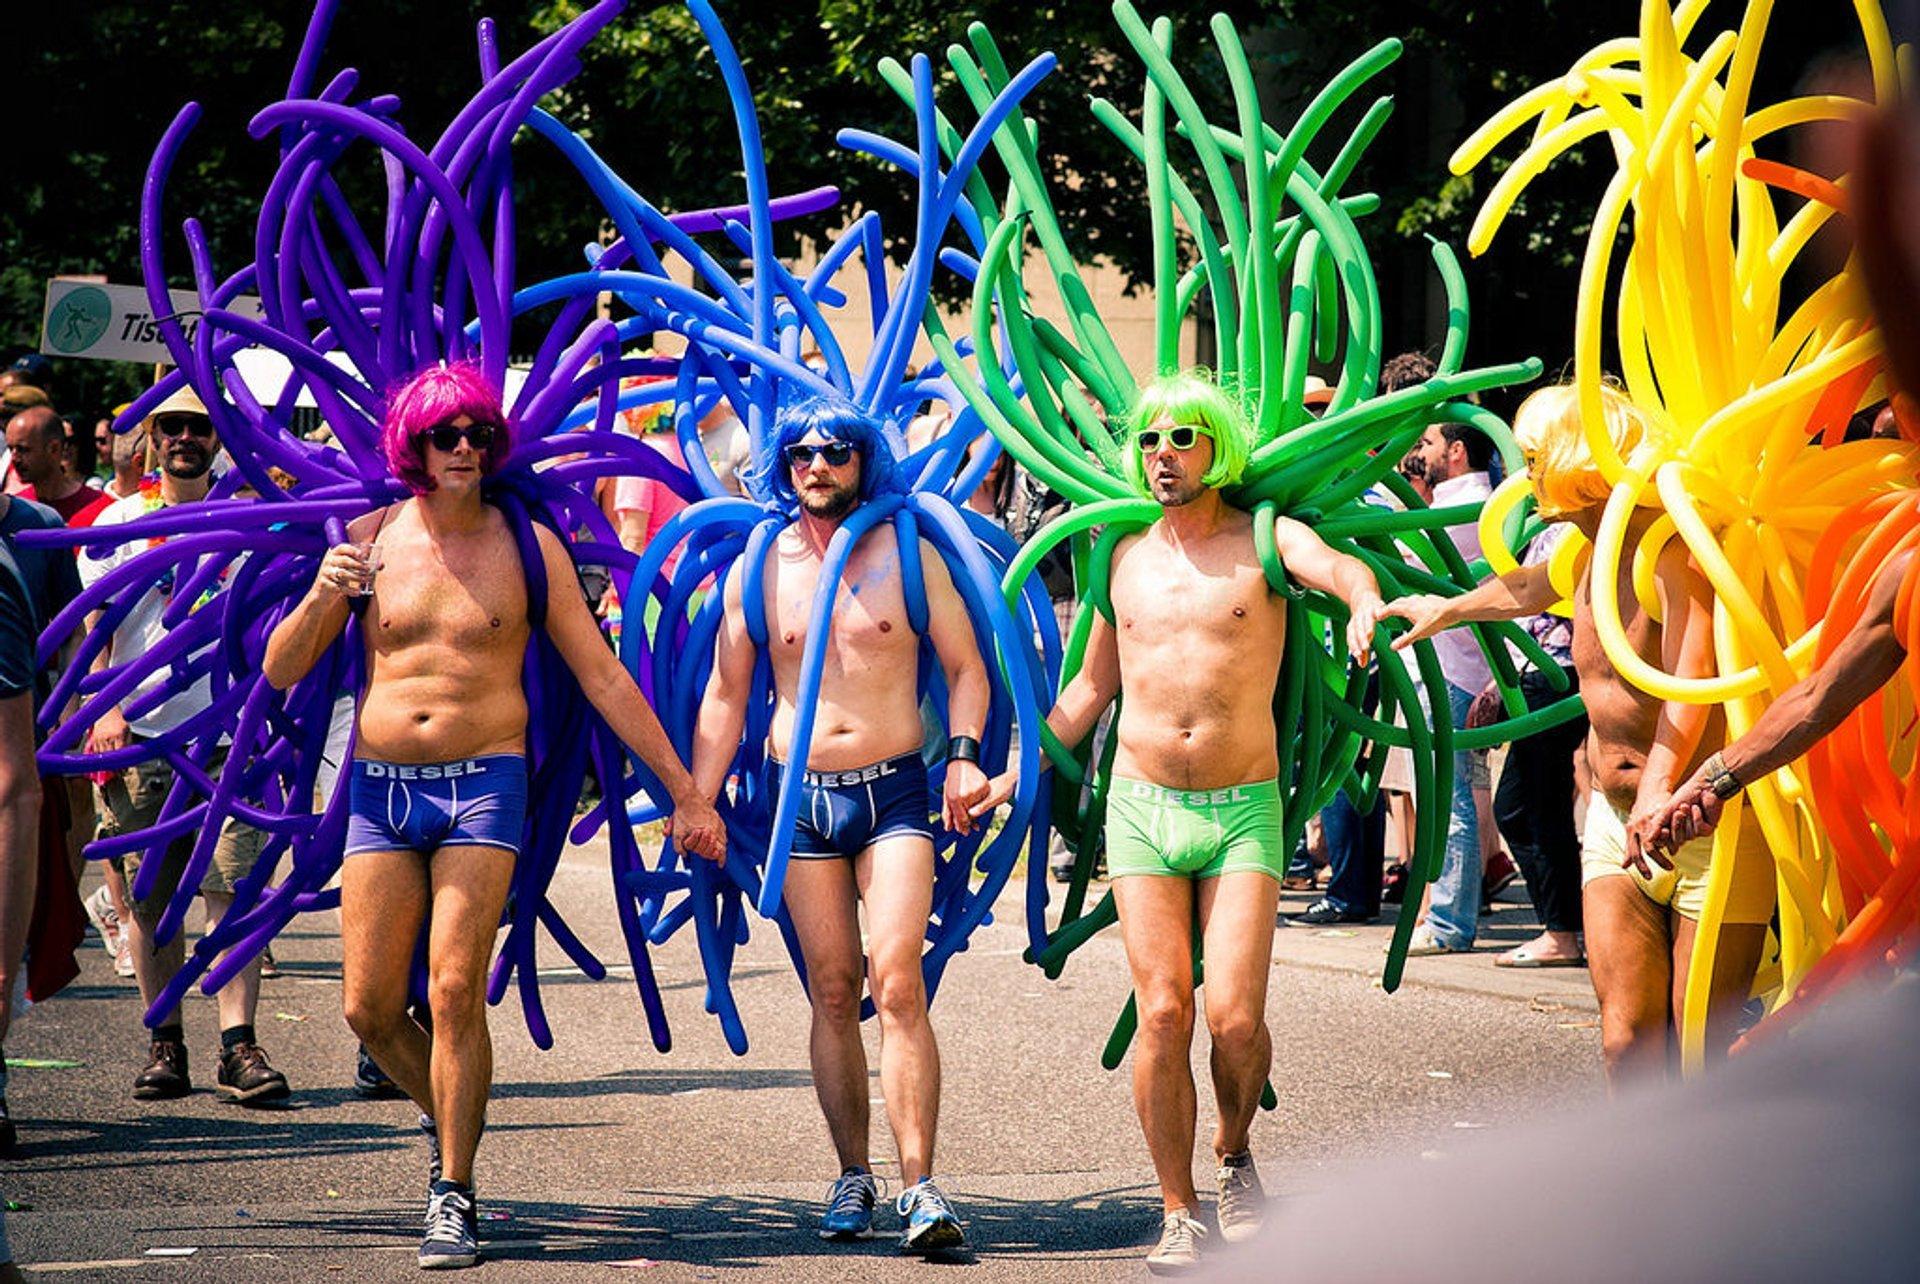 Munich Pride or Christopher Street Day (CSD) in Munich - Best Season 2020